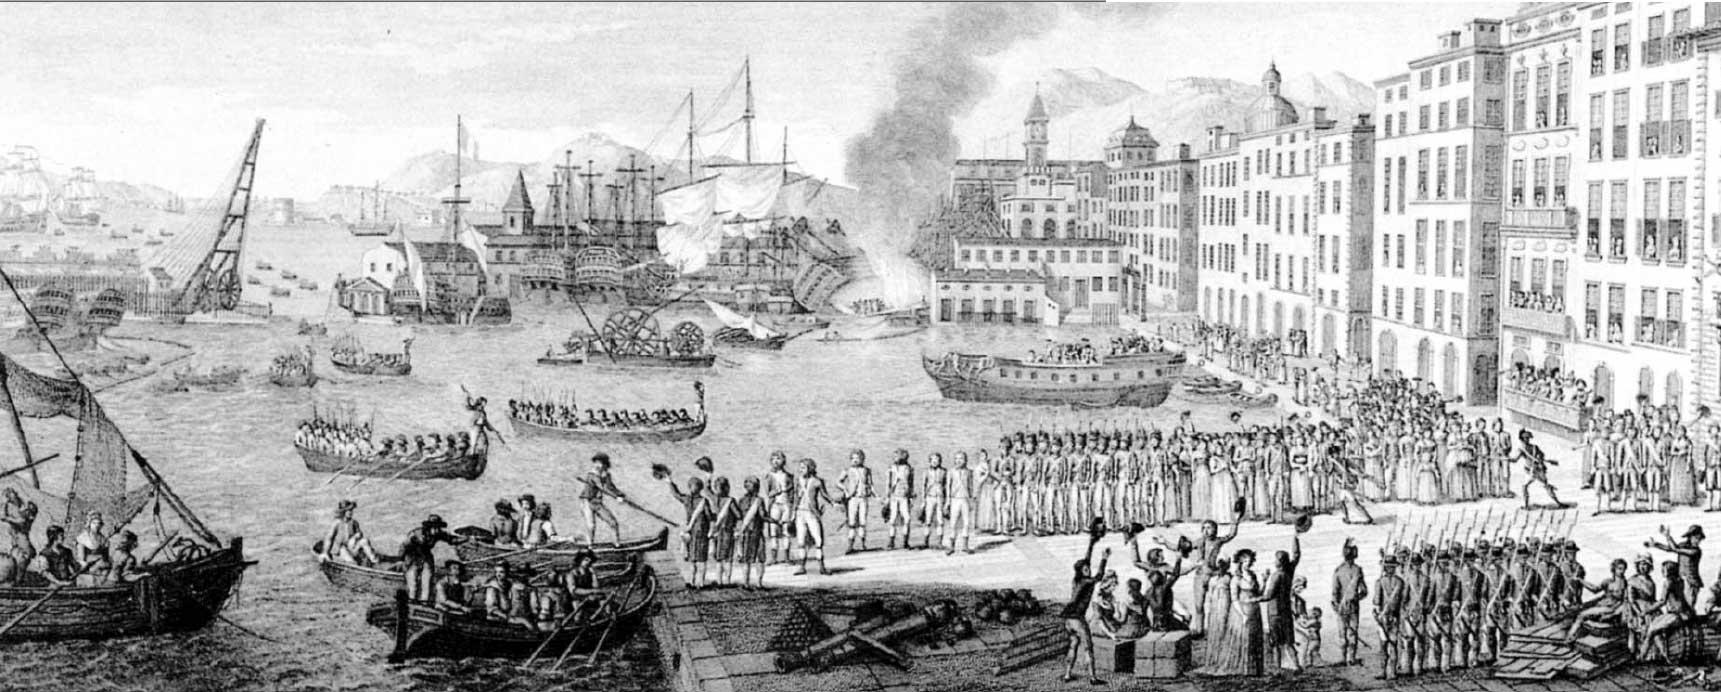 Momento de la llegada de los aliados a Tolón bajo la aclamación popular de los toloneses realistas.